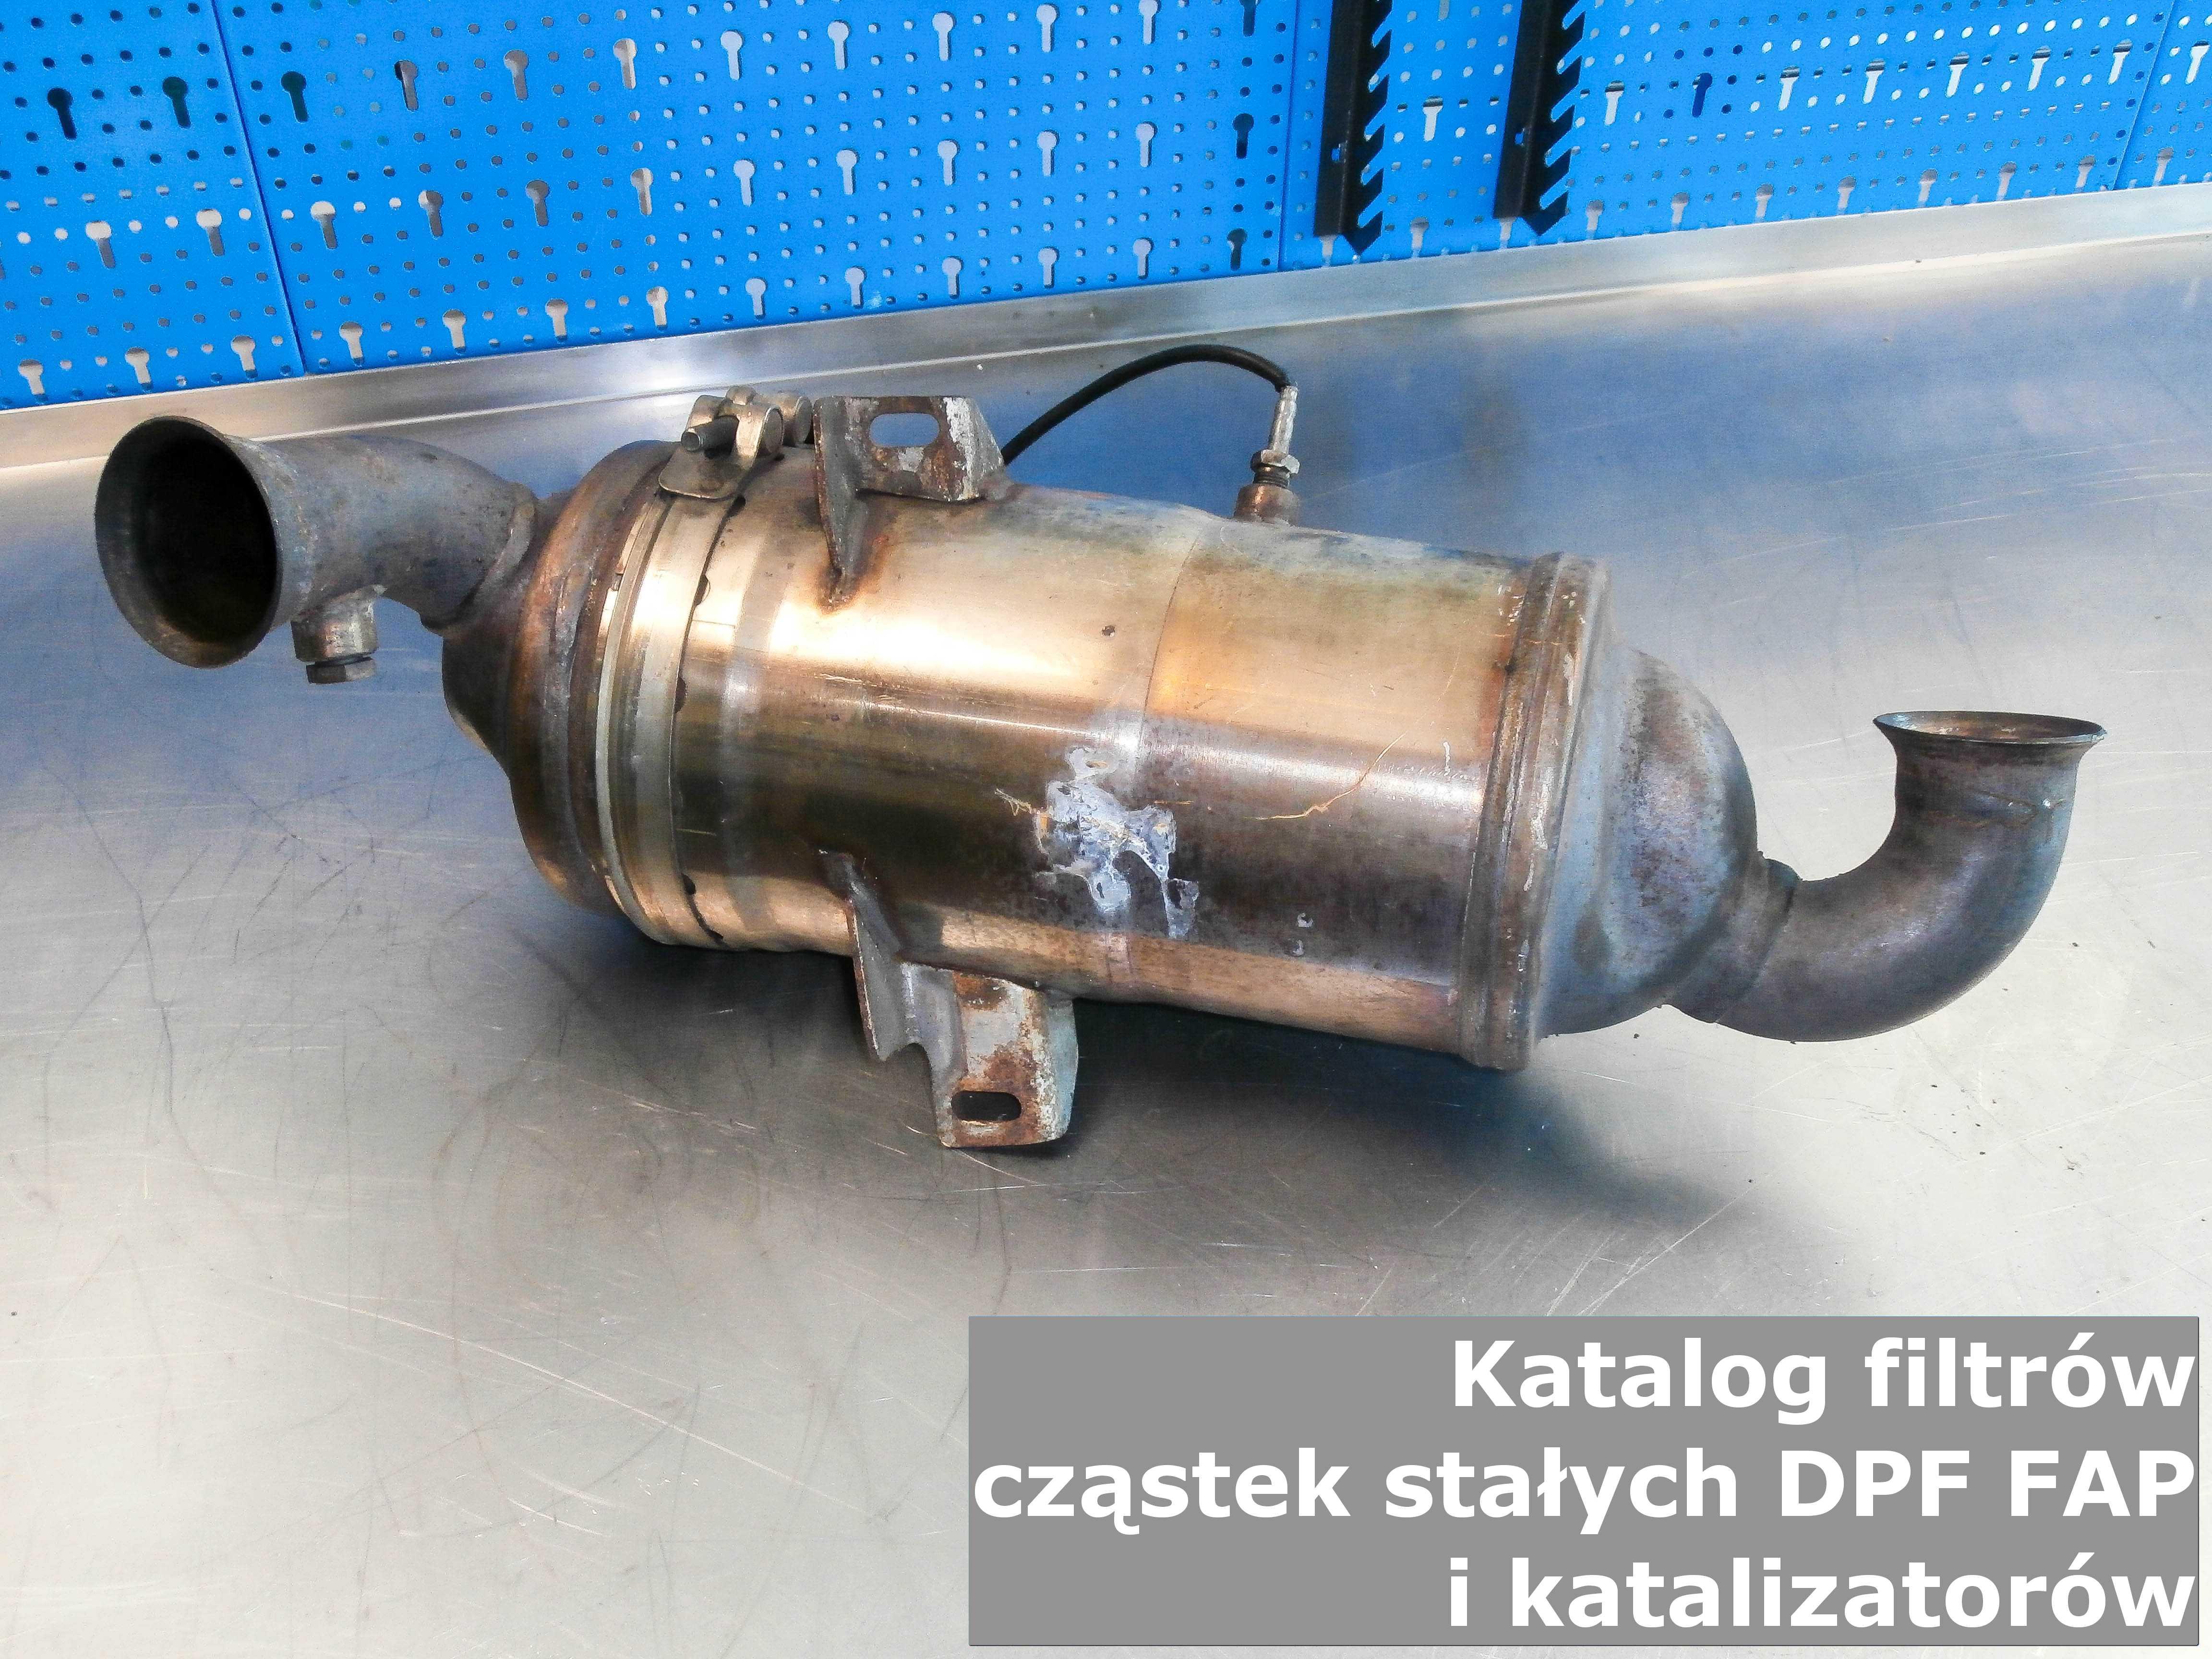 Chłodny Katalog filtrów cząstek stałych DPF FAP i katalizatorów - Cena ZU35